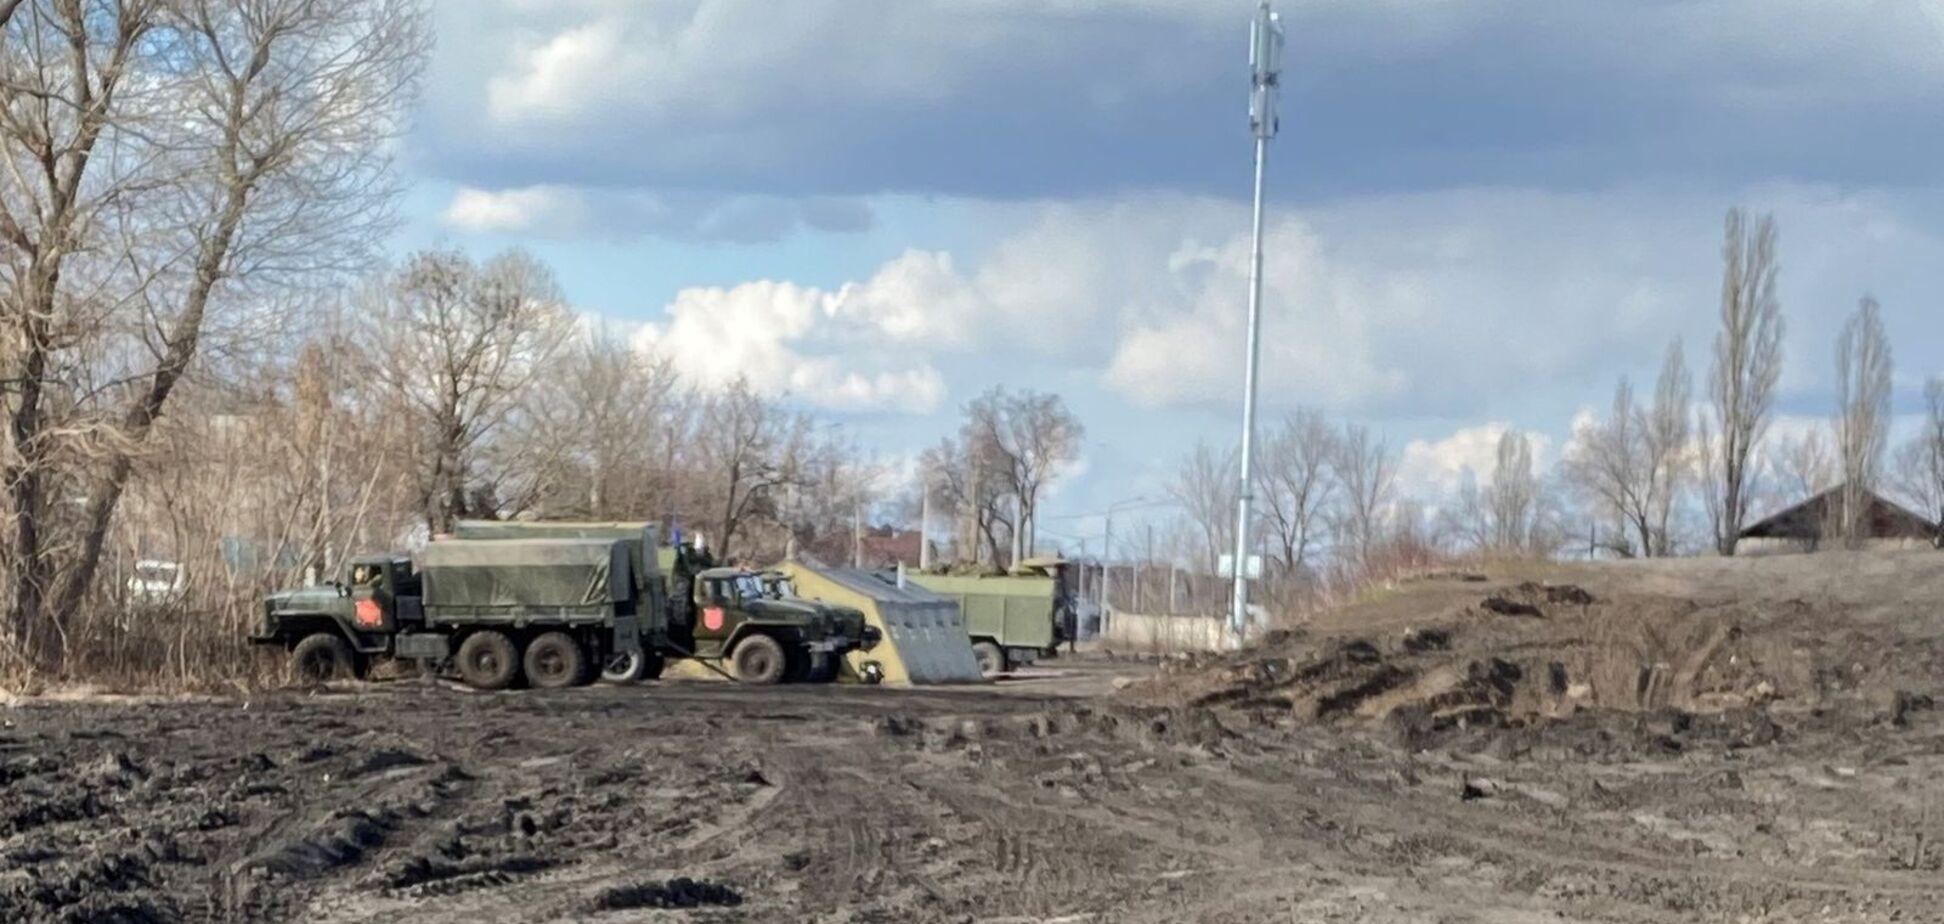 Кремль не остановится. Украине следует готовиться к жесткой обороне